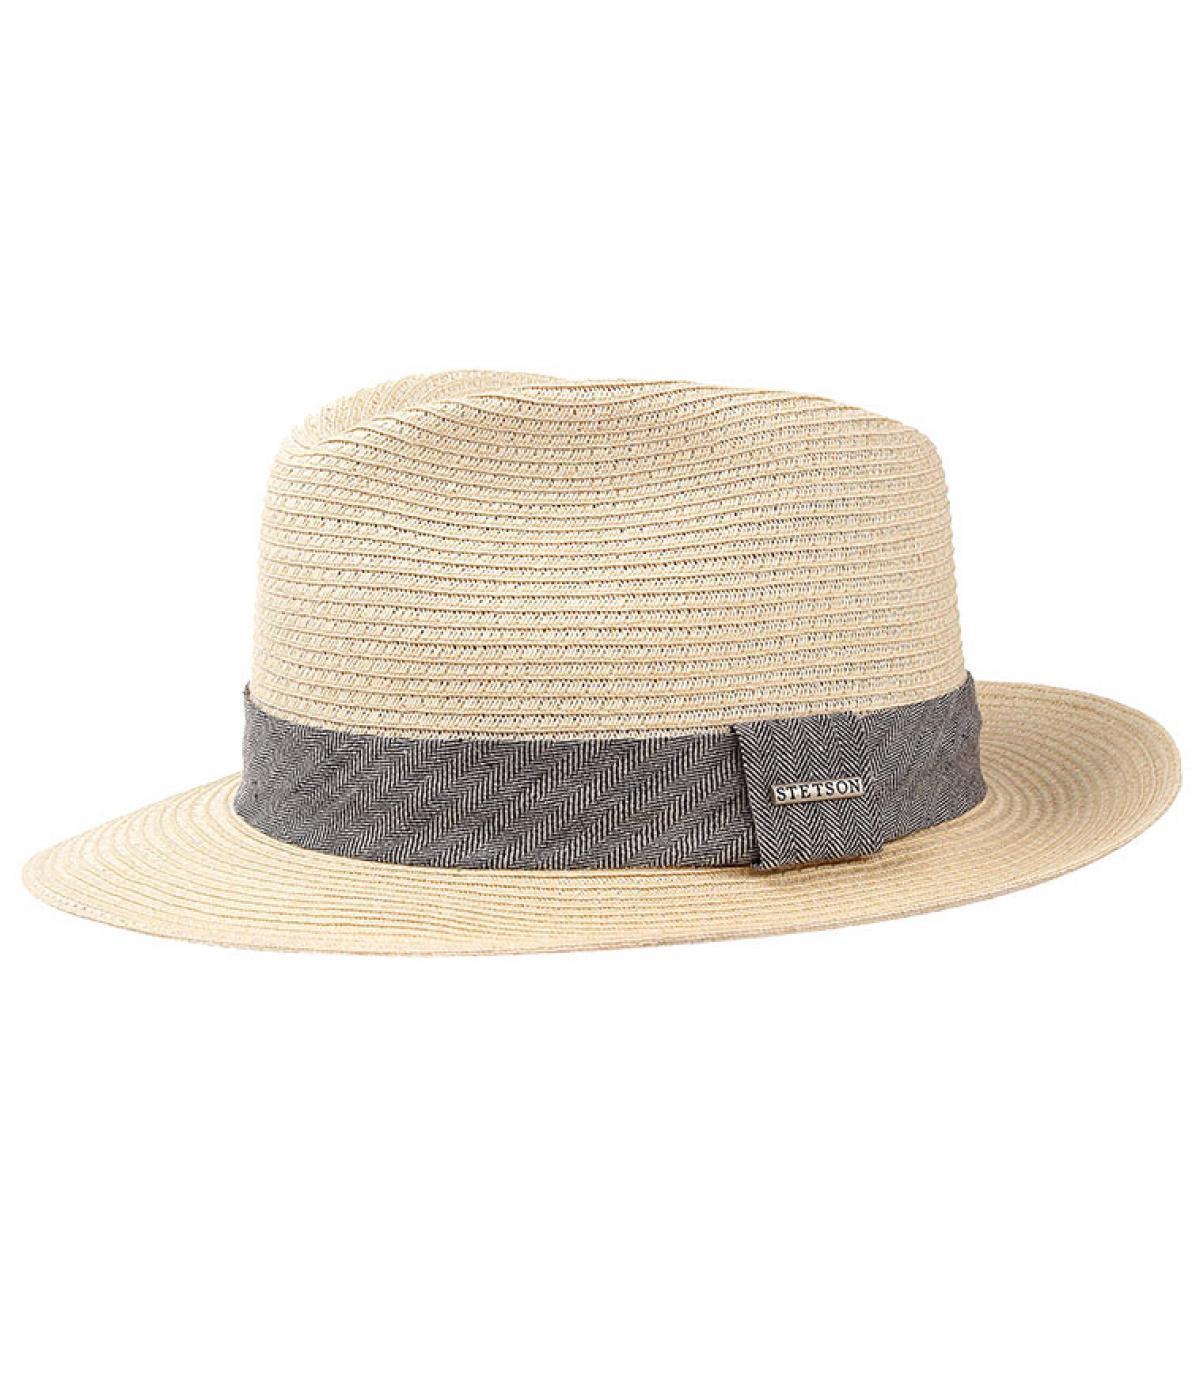 chapeau paille homme stetson reedley toyo cream par stetson headict. Black Bedroom Furniture Sets. Home Design Ideas